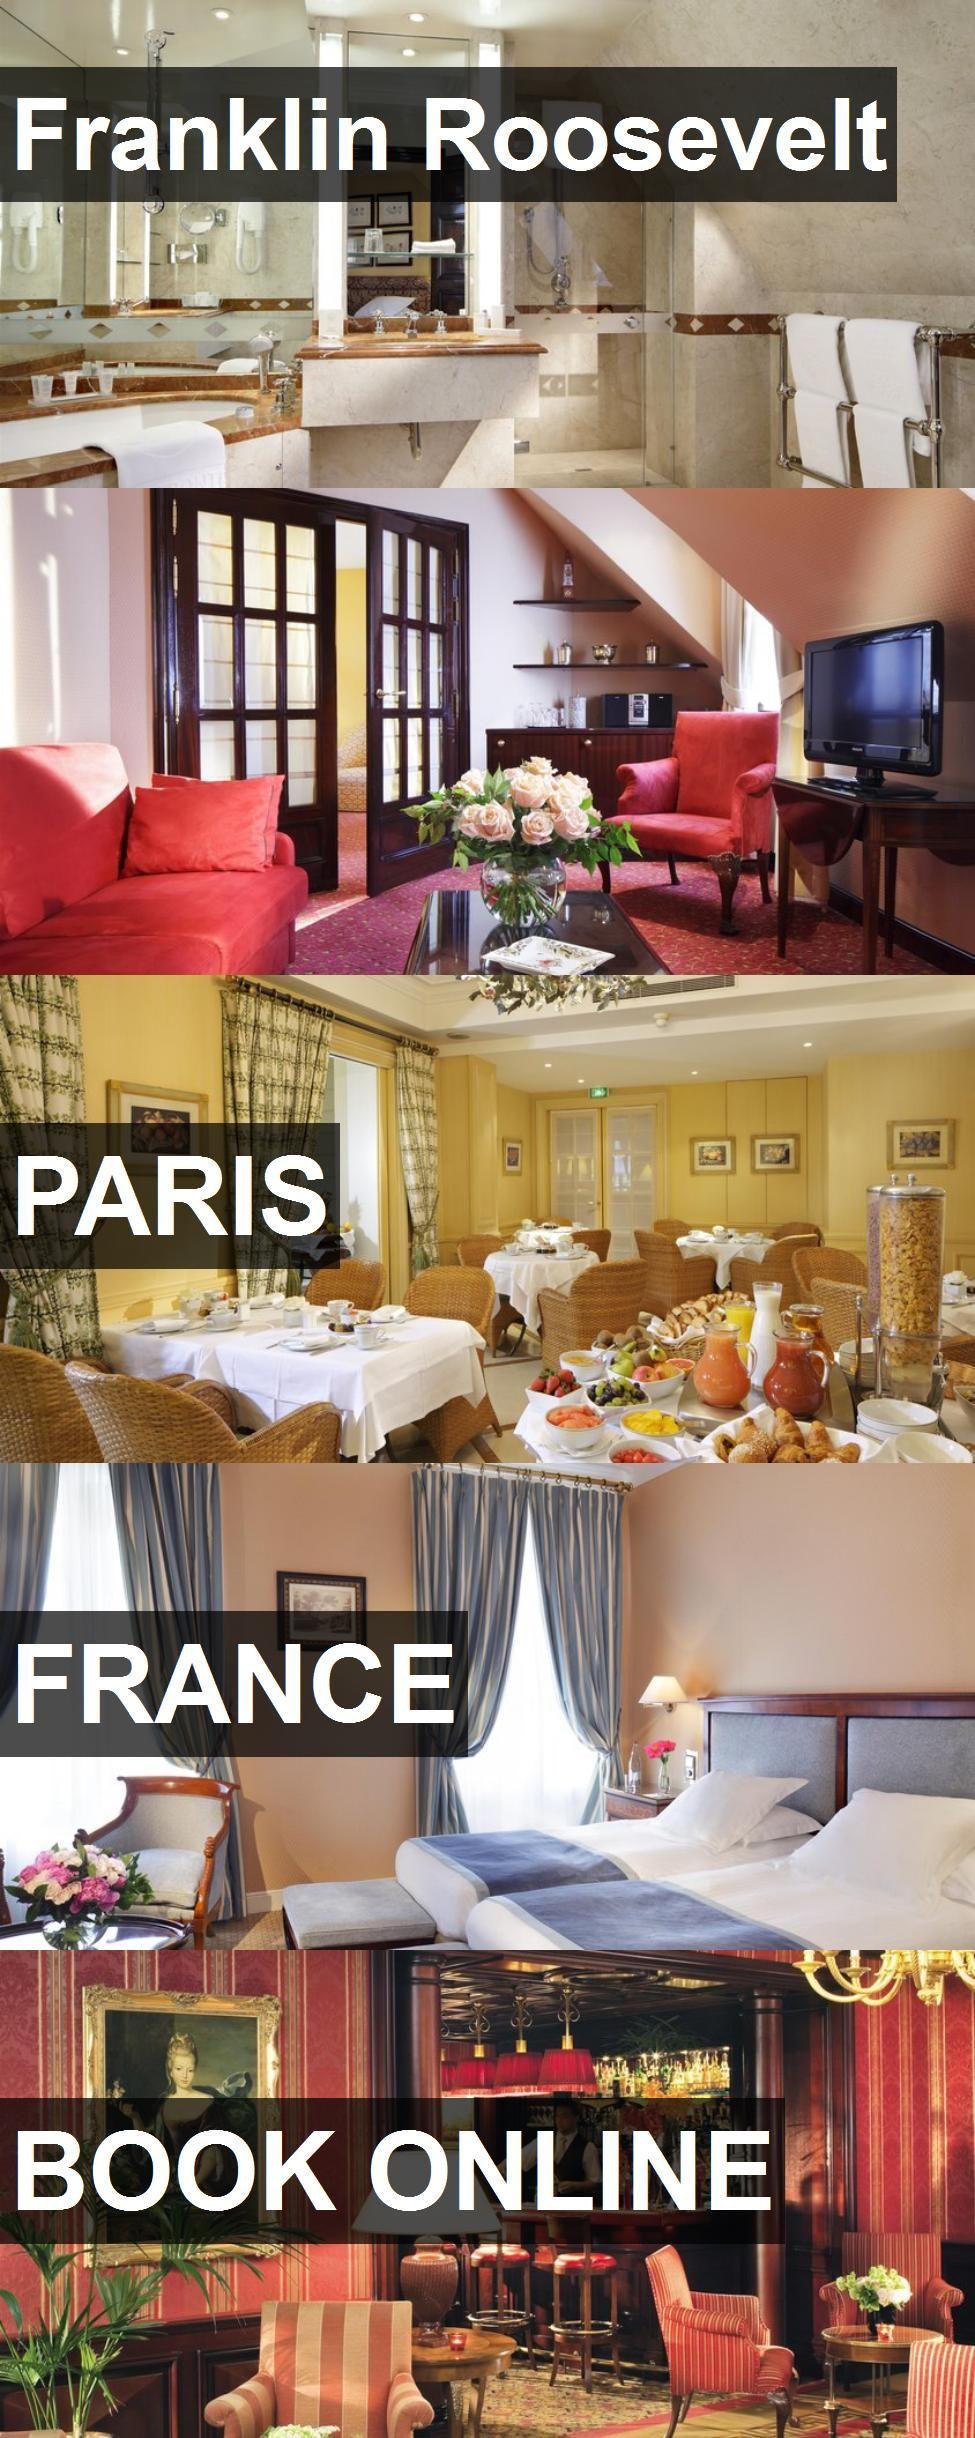 Hotel Franklin Roosevelt In Paris, France. For More